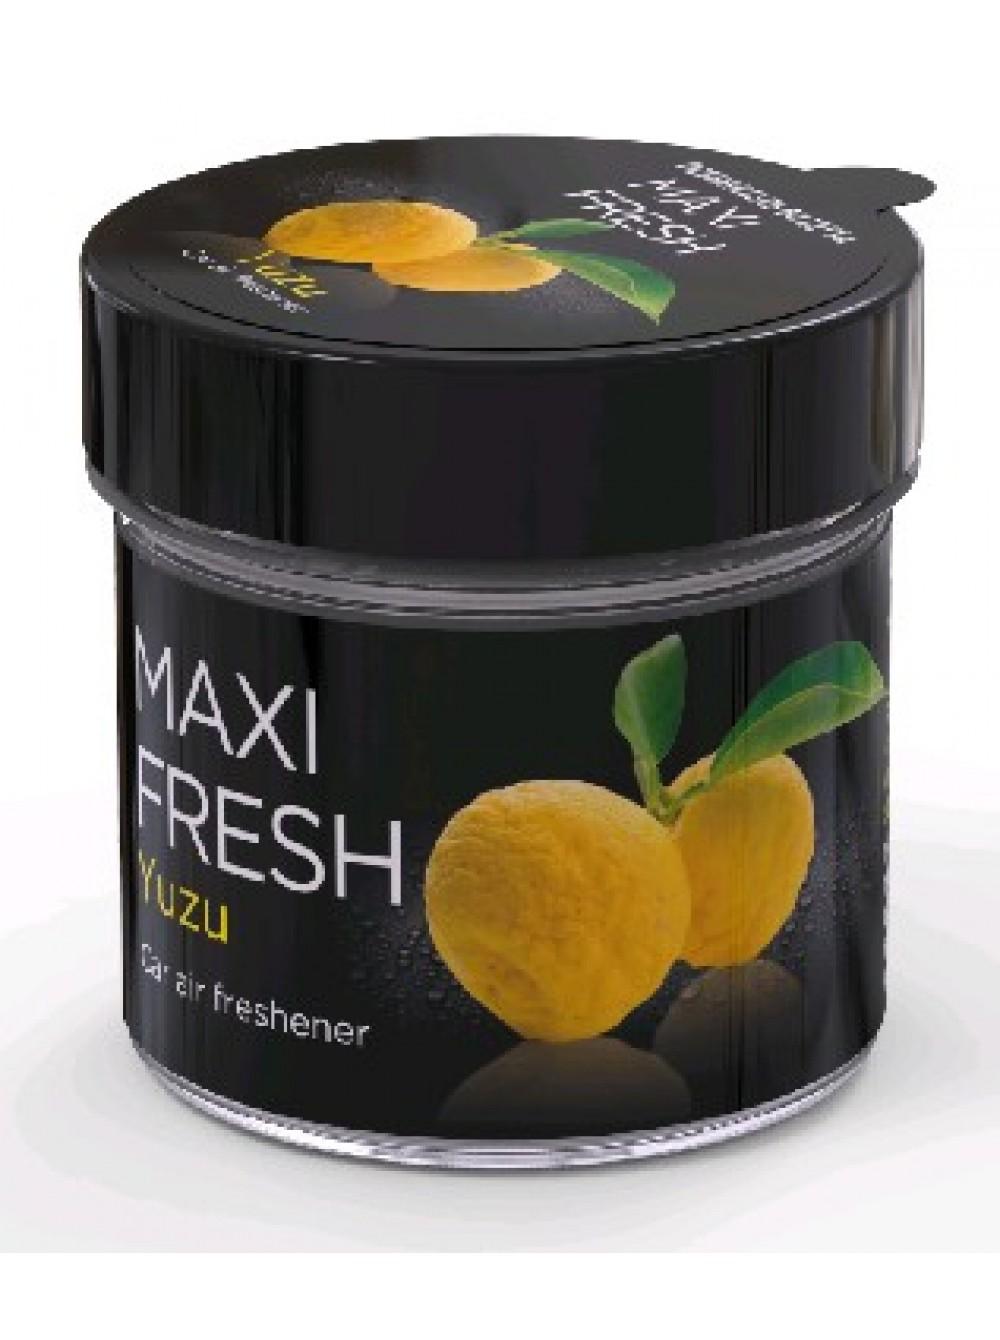 Автомобильный ароматизатор MAXI FRESH 964-CMF-108 ароматизатор воздуха автомобильный maxi fresh цитрус и манго под сиденье 100 г